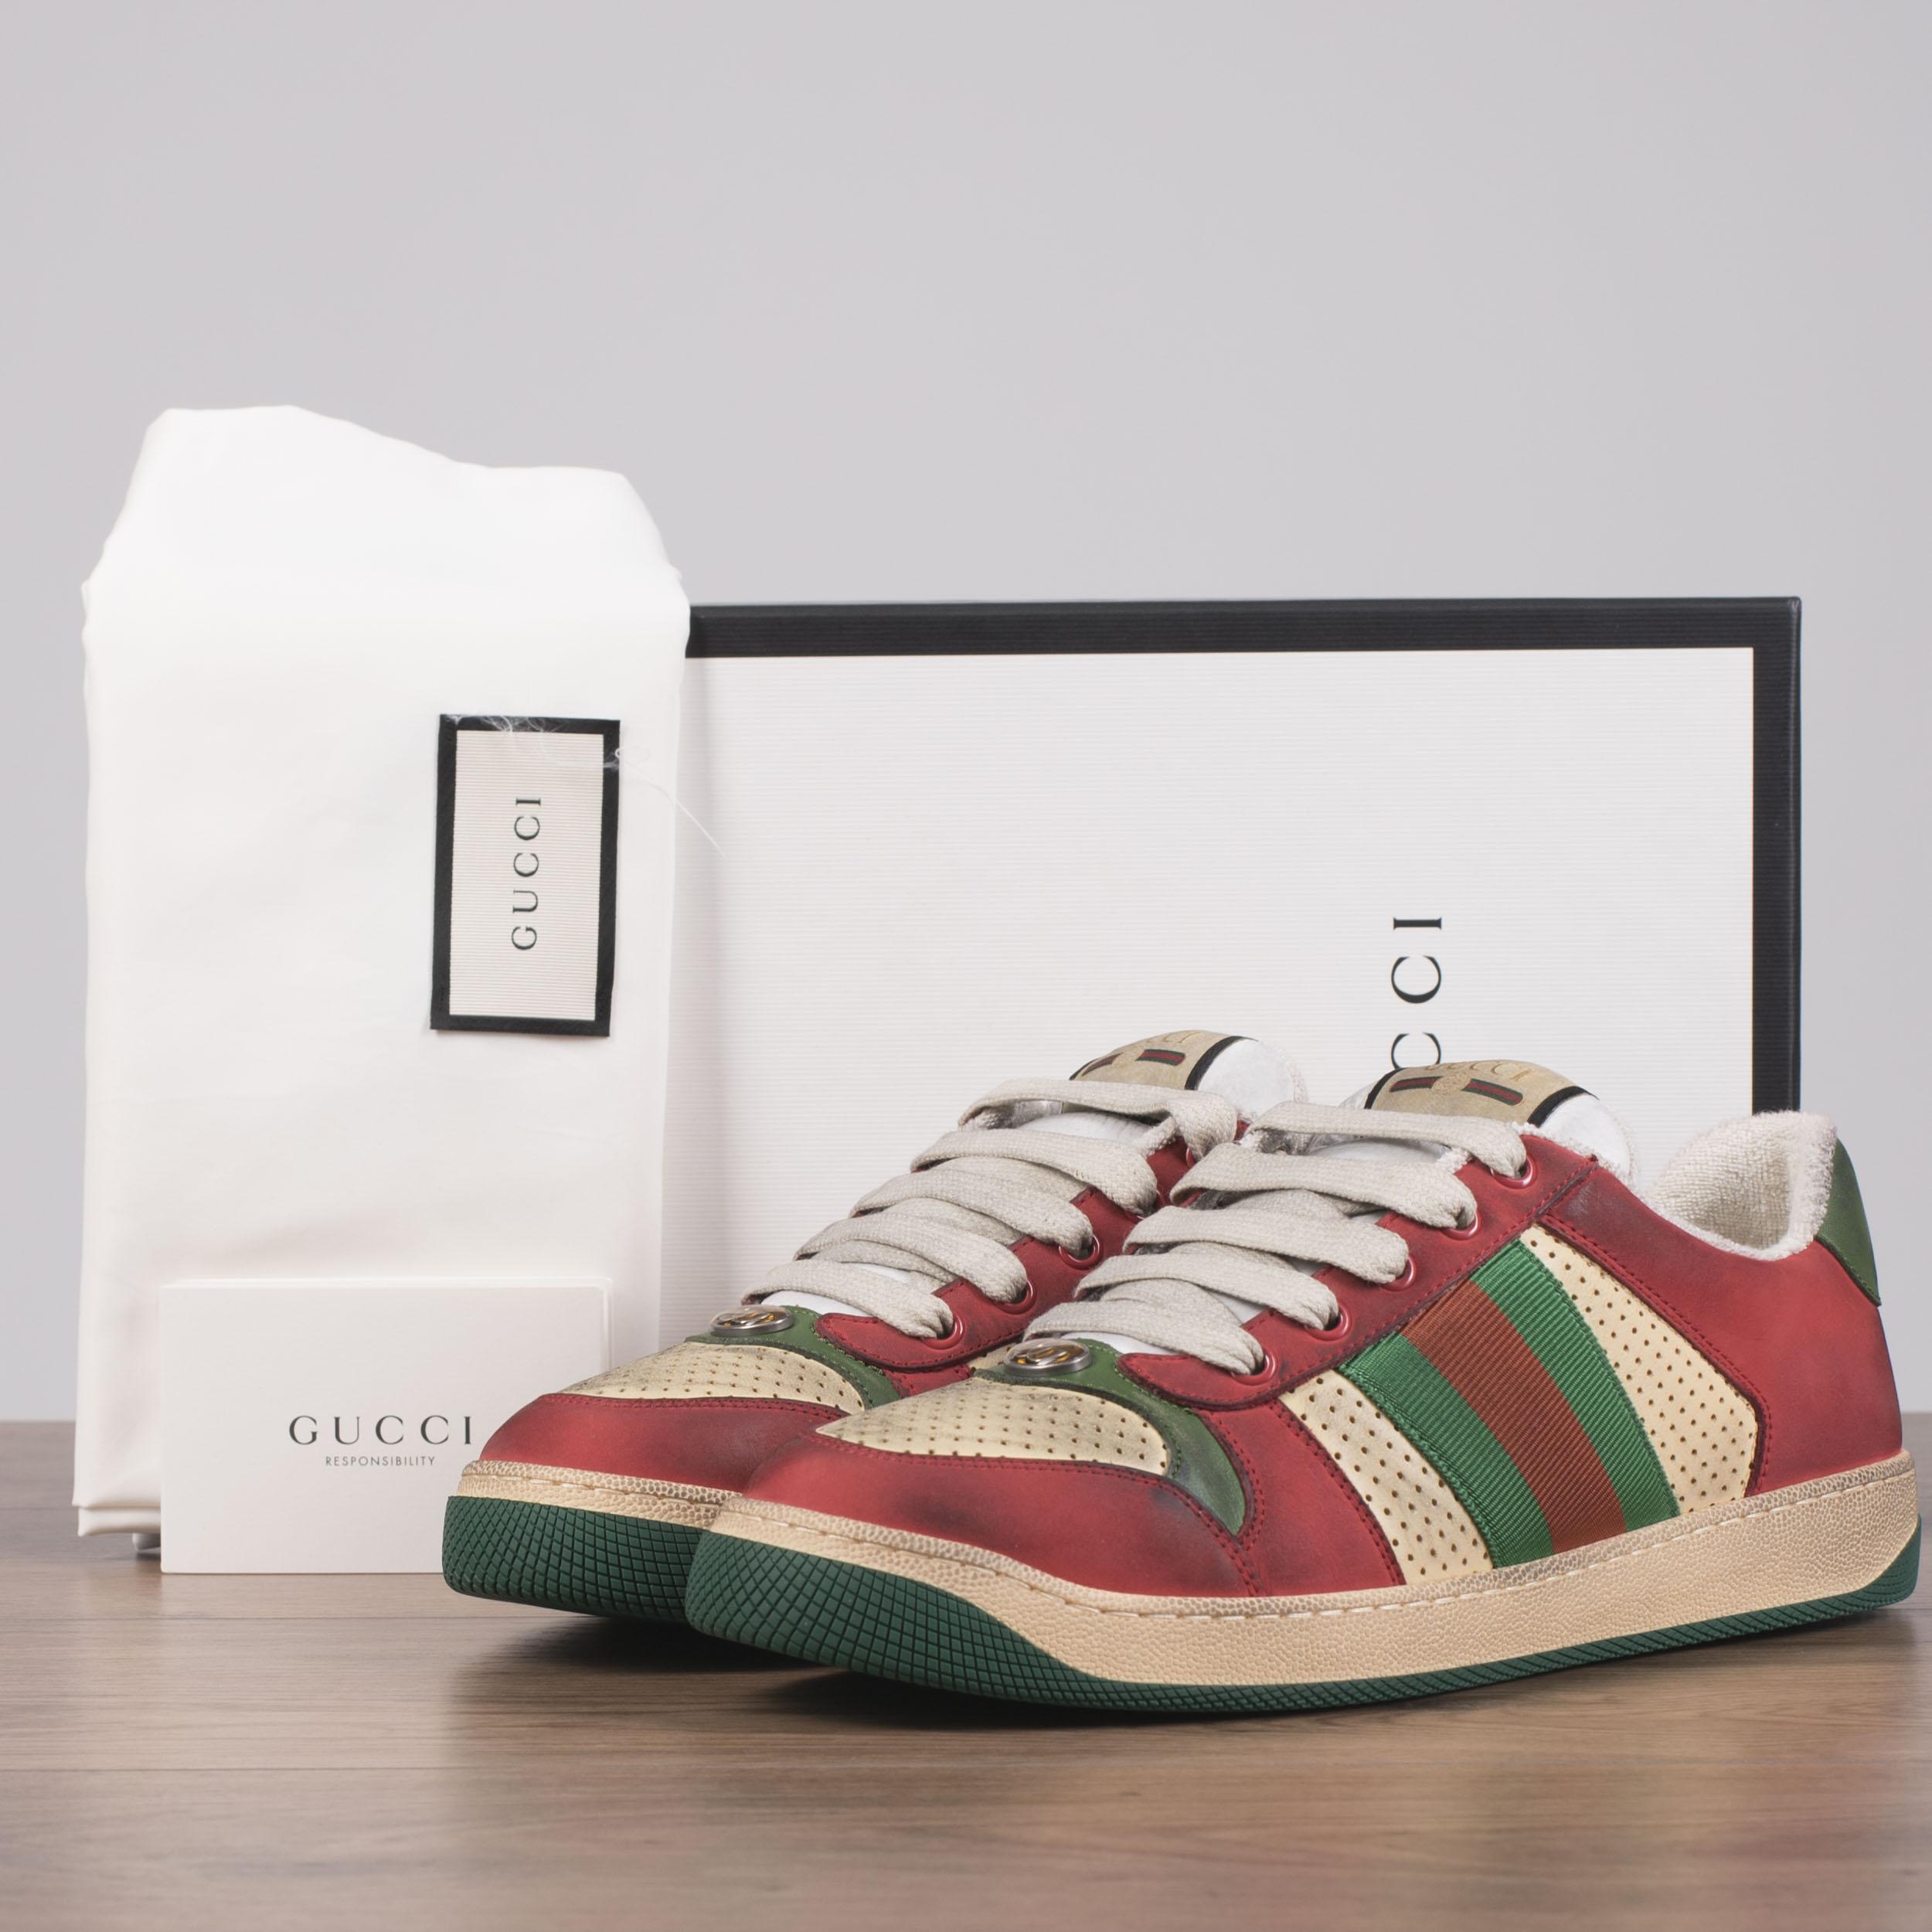 5941922edb1 GUCCI 870  Screener Sneakers In Beige   Red Distressed Vintage ...